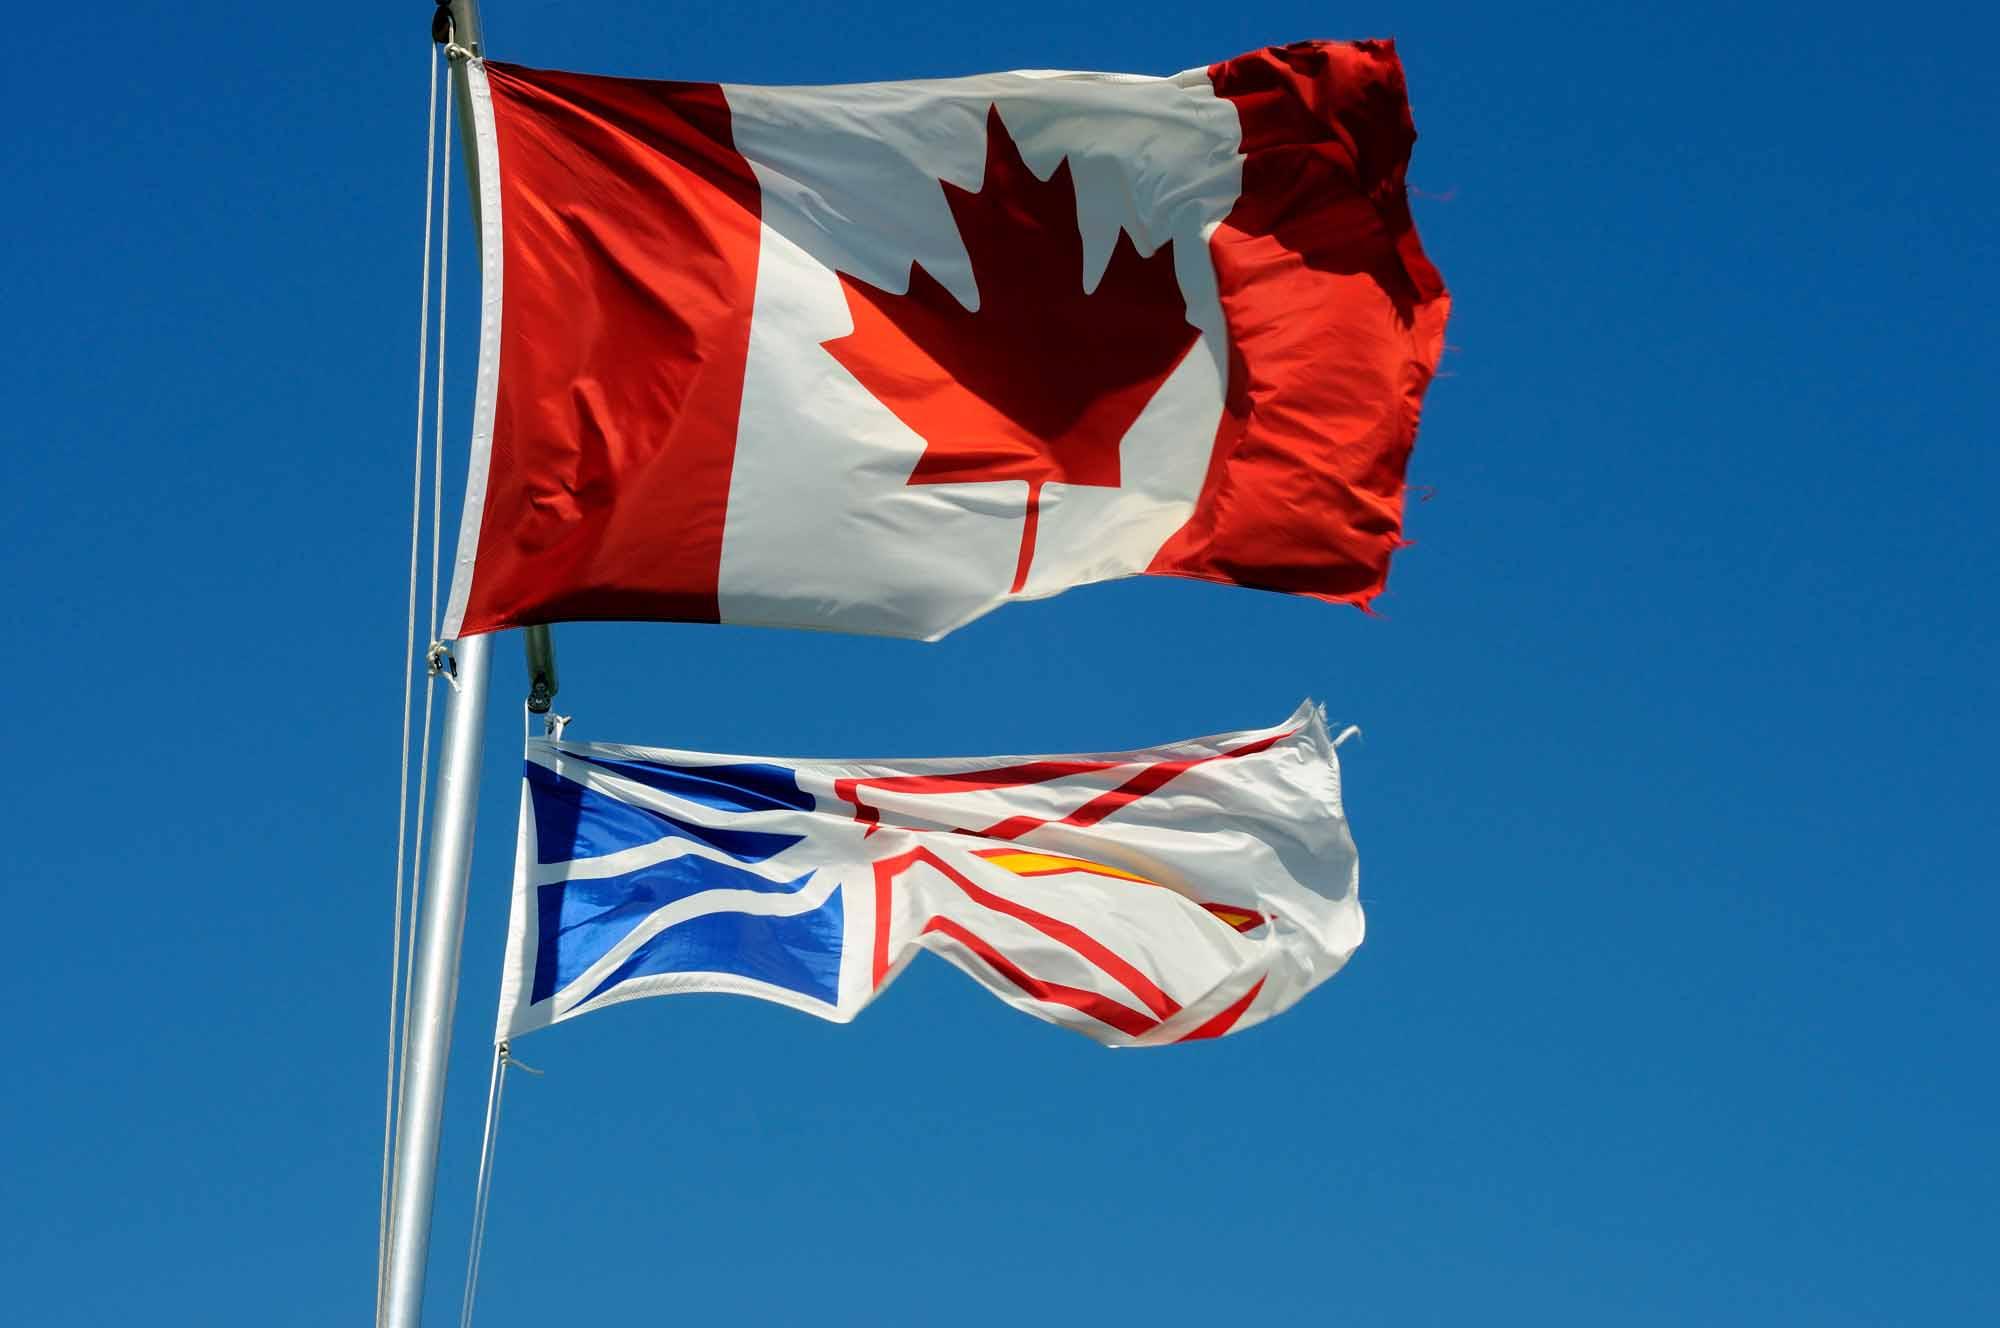 Canadian and Newfoundland & Labrador Flags